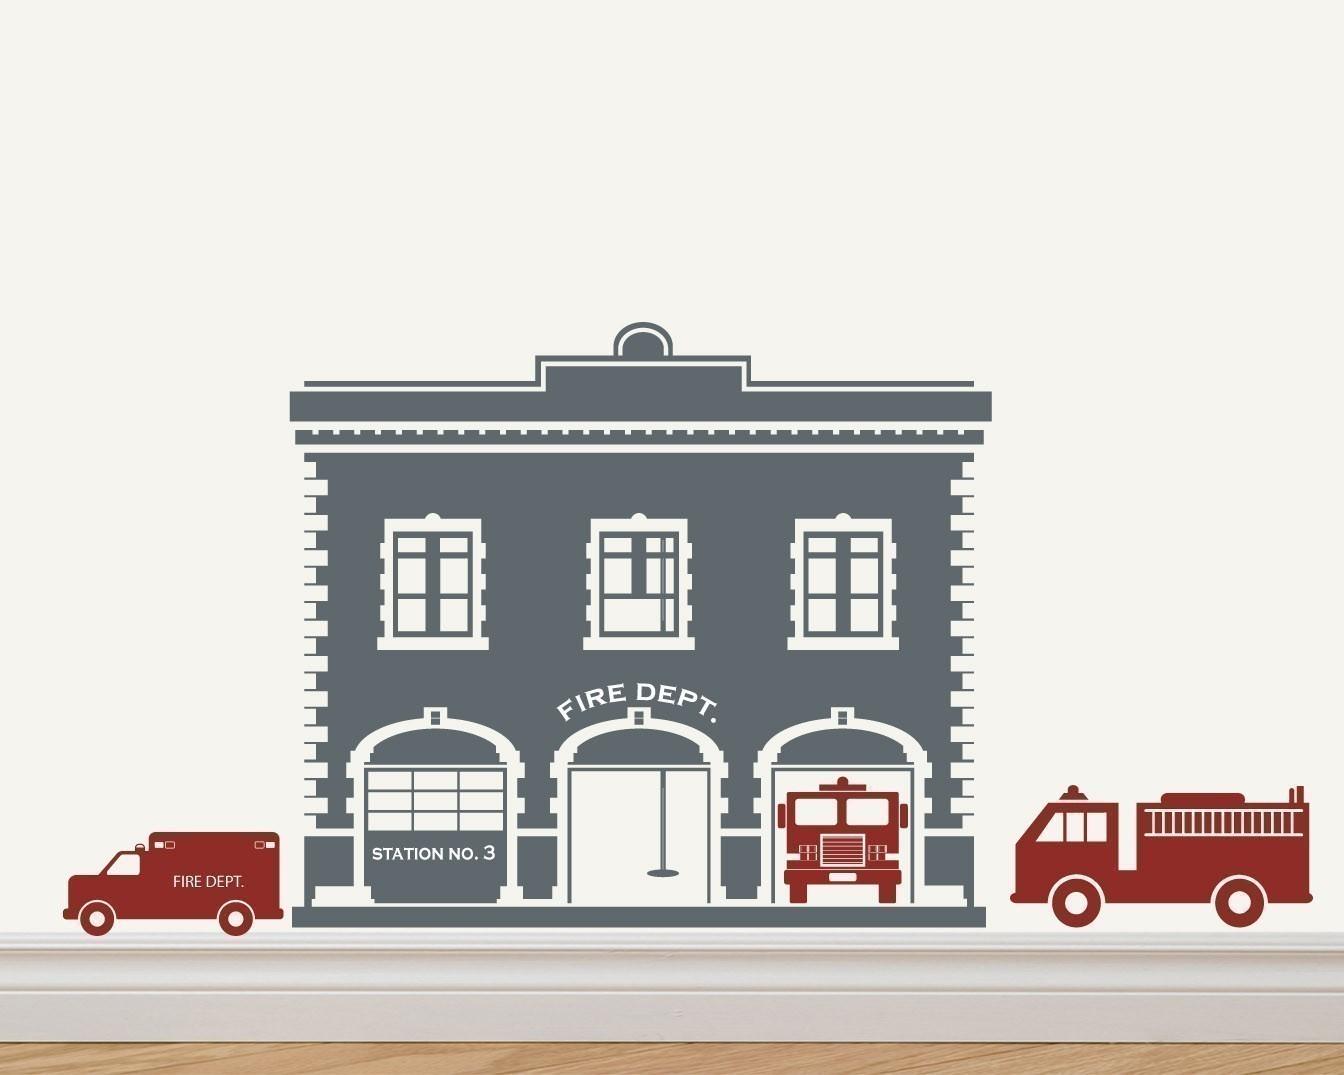 hight resolution of 1344x1075 fire station fire house fire trucks vinyl sticker decal original